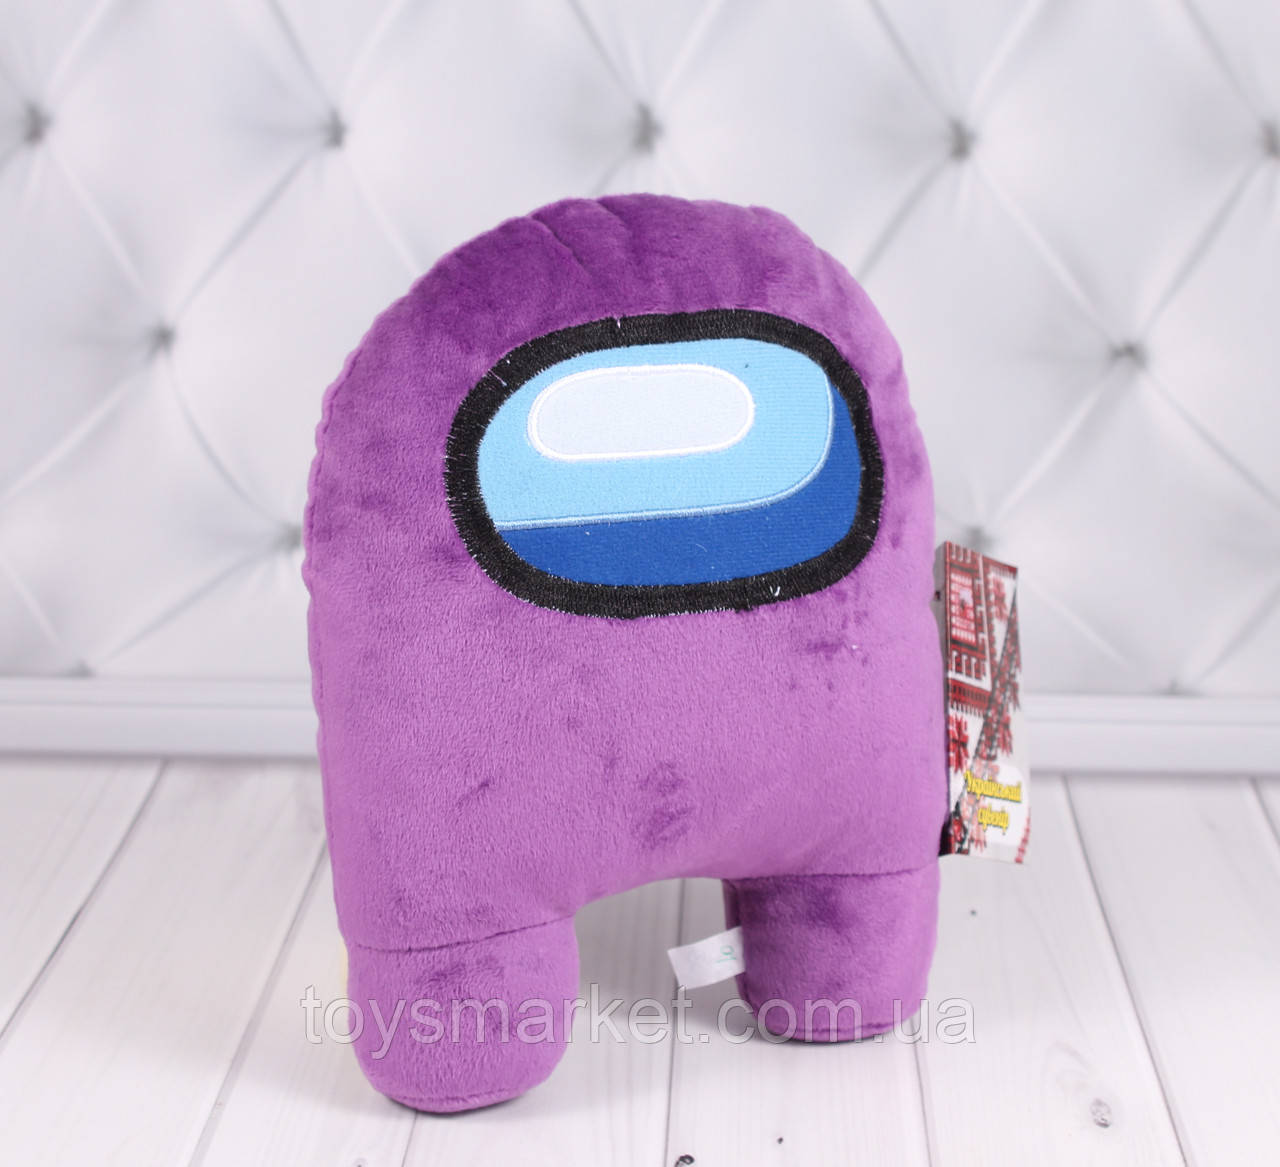 Мягкая игрушка Among us, фиолетовая